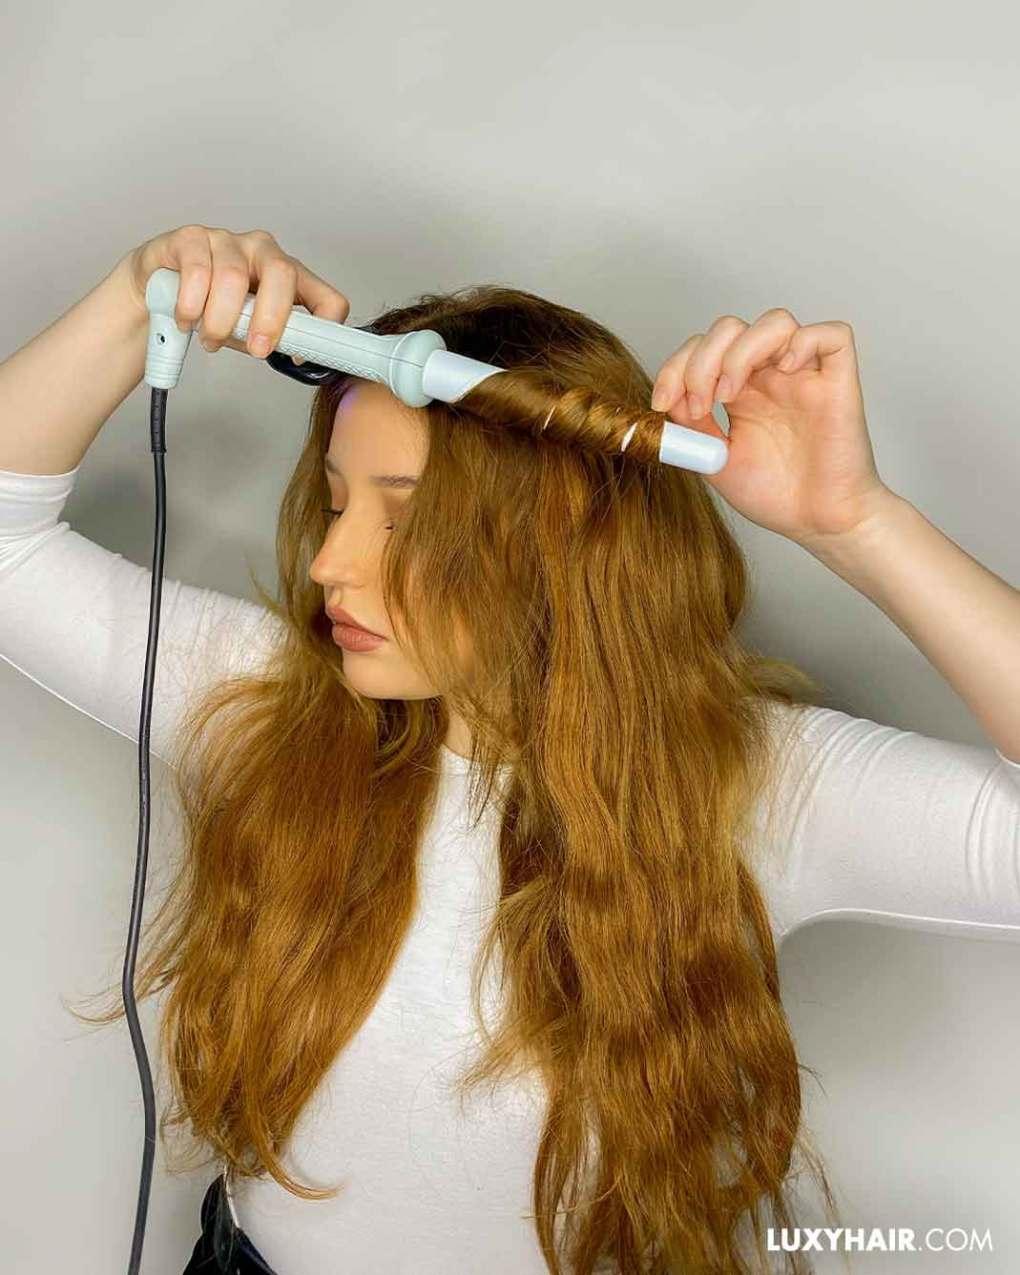 Nicole Kidman The Undoing hair tutorial